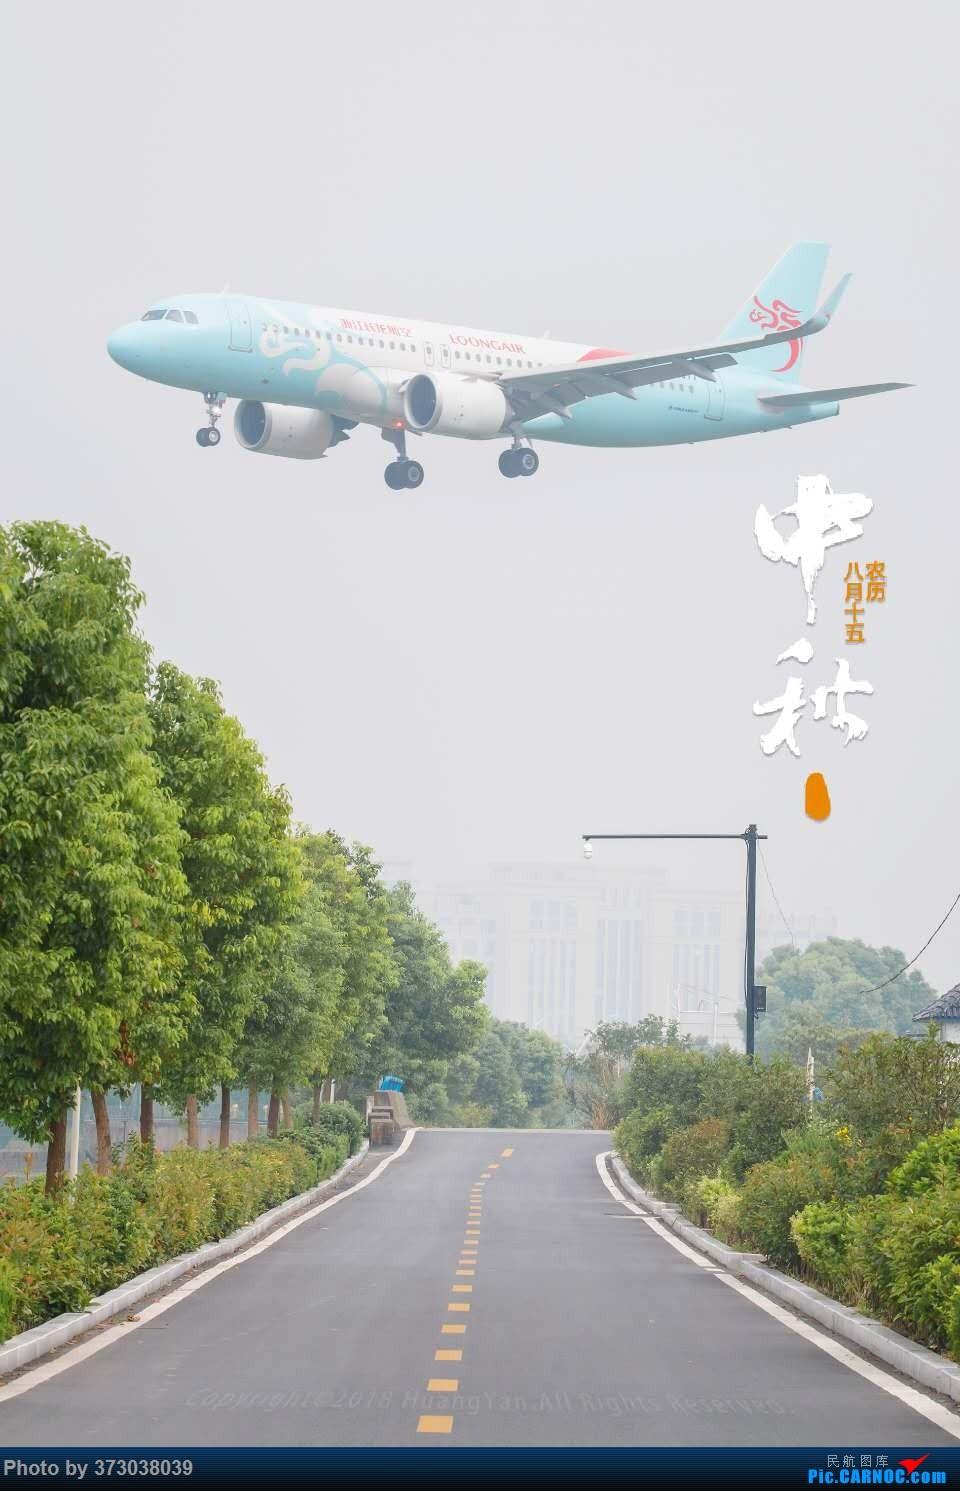 Re:【杭州飞友会】回归首炮 献中秋,适马156S的萧山空港